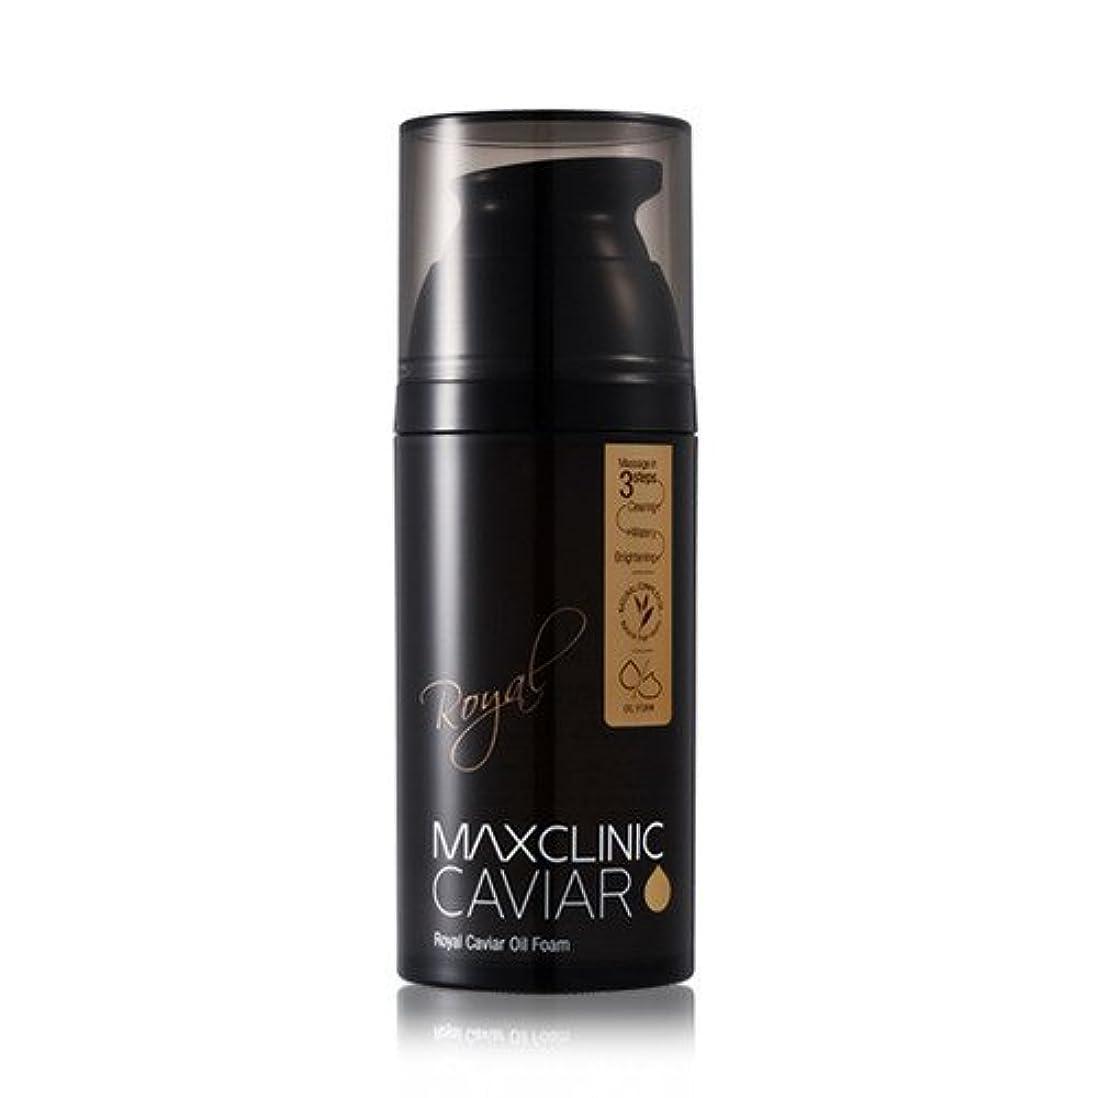 フレキシブル行為隣人マクスクリニック(MaxClinic) ロイヤルキャビアスパオイルフォーム 110g/ MaxClinic rotal caviar spa cleanser 110g [並行輸入品]